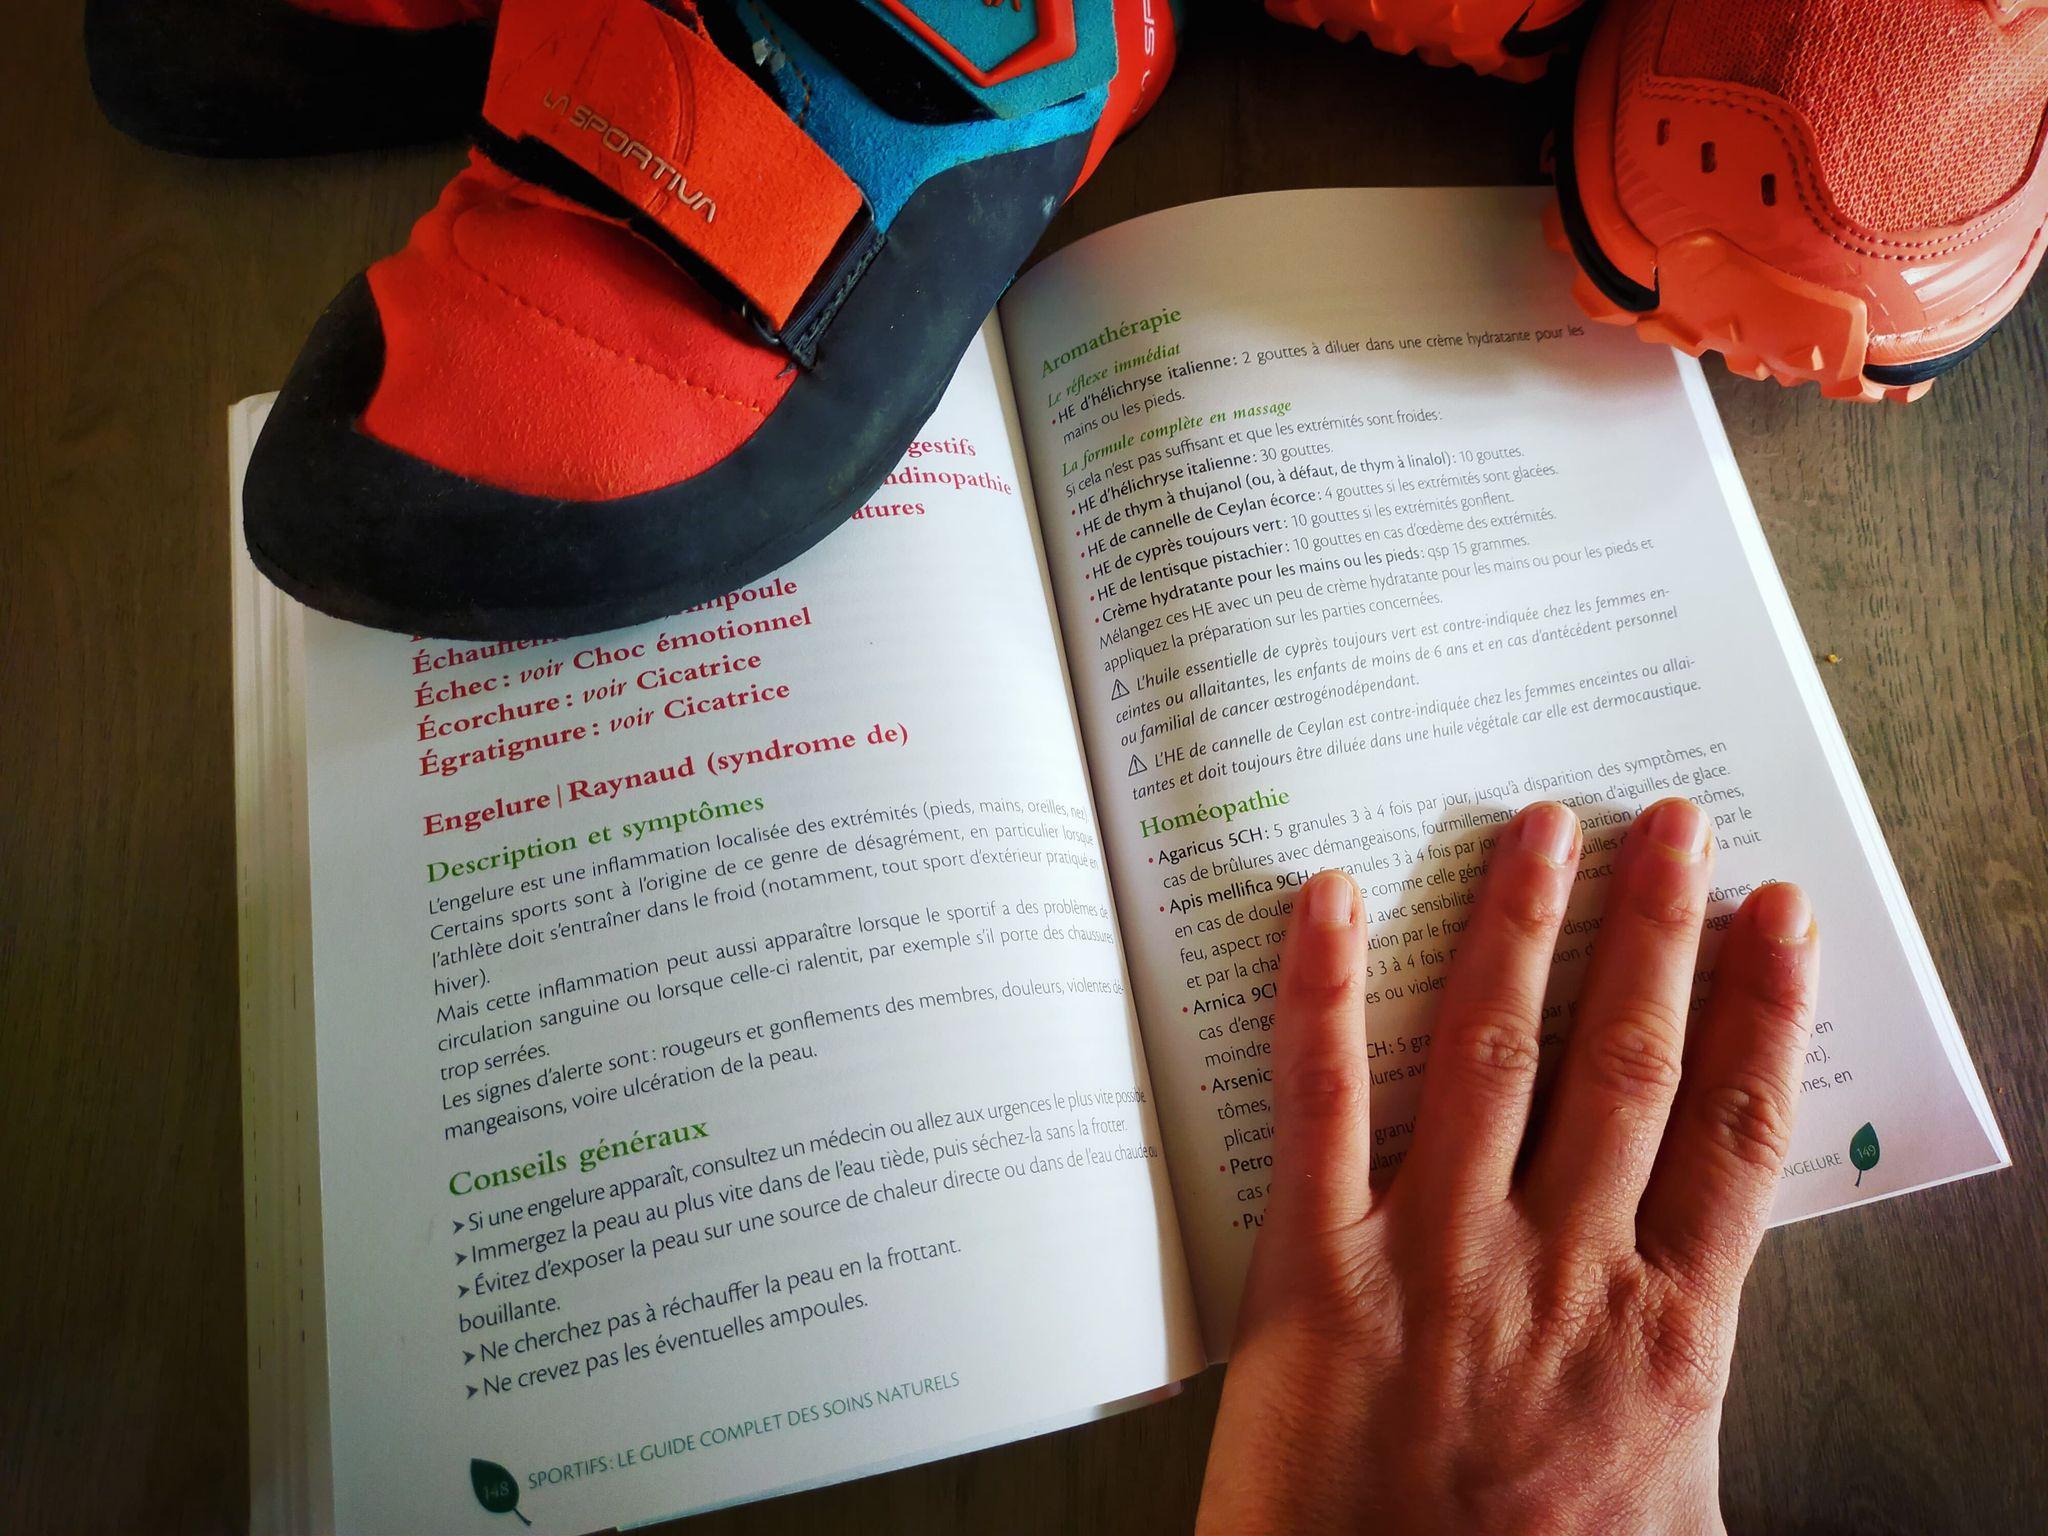 GC - chronique livre - sportifs le guide complet des soins naturels 4